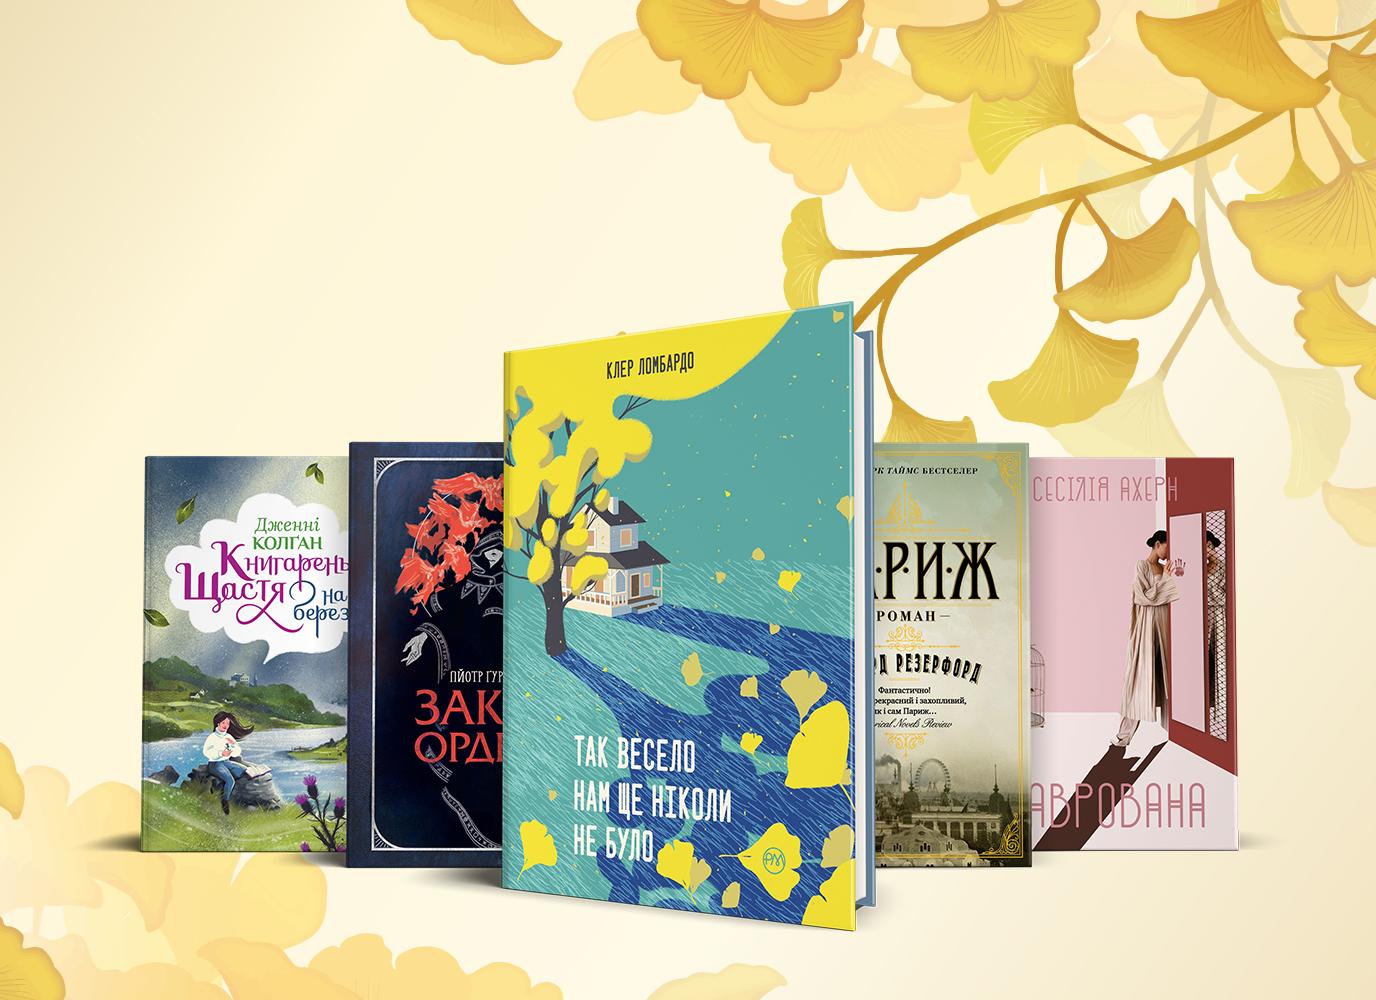 Книжки з осіннім настроєм: п'ять ідей атмосферного читання